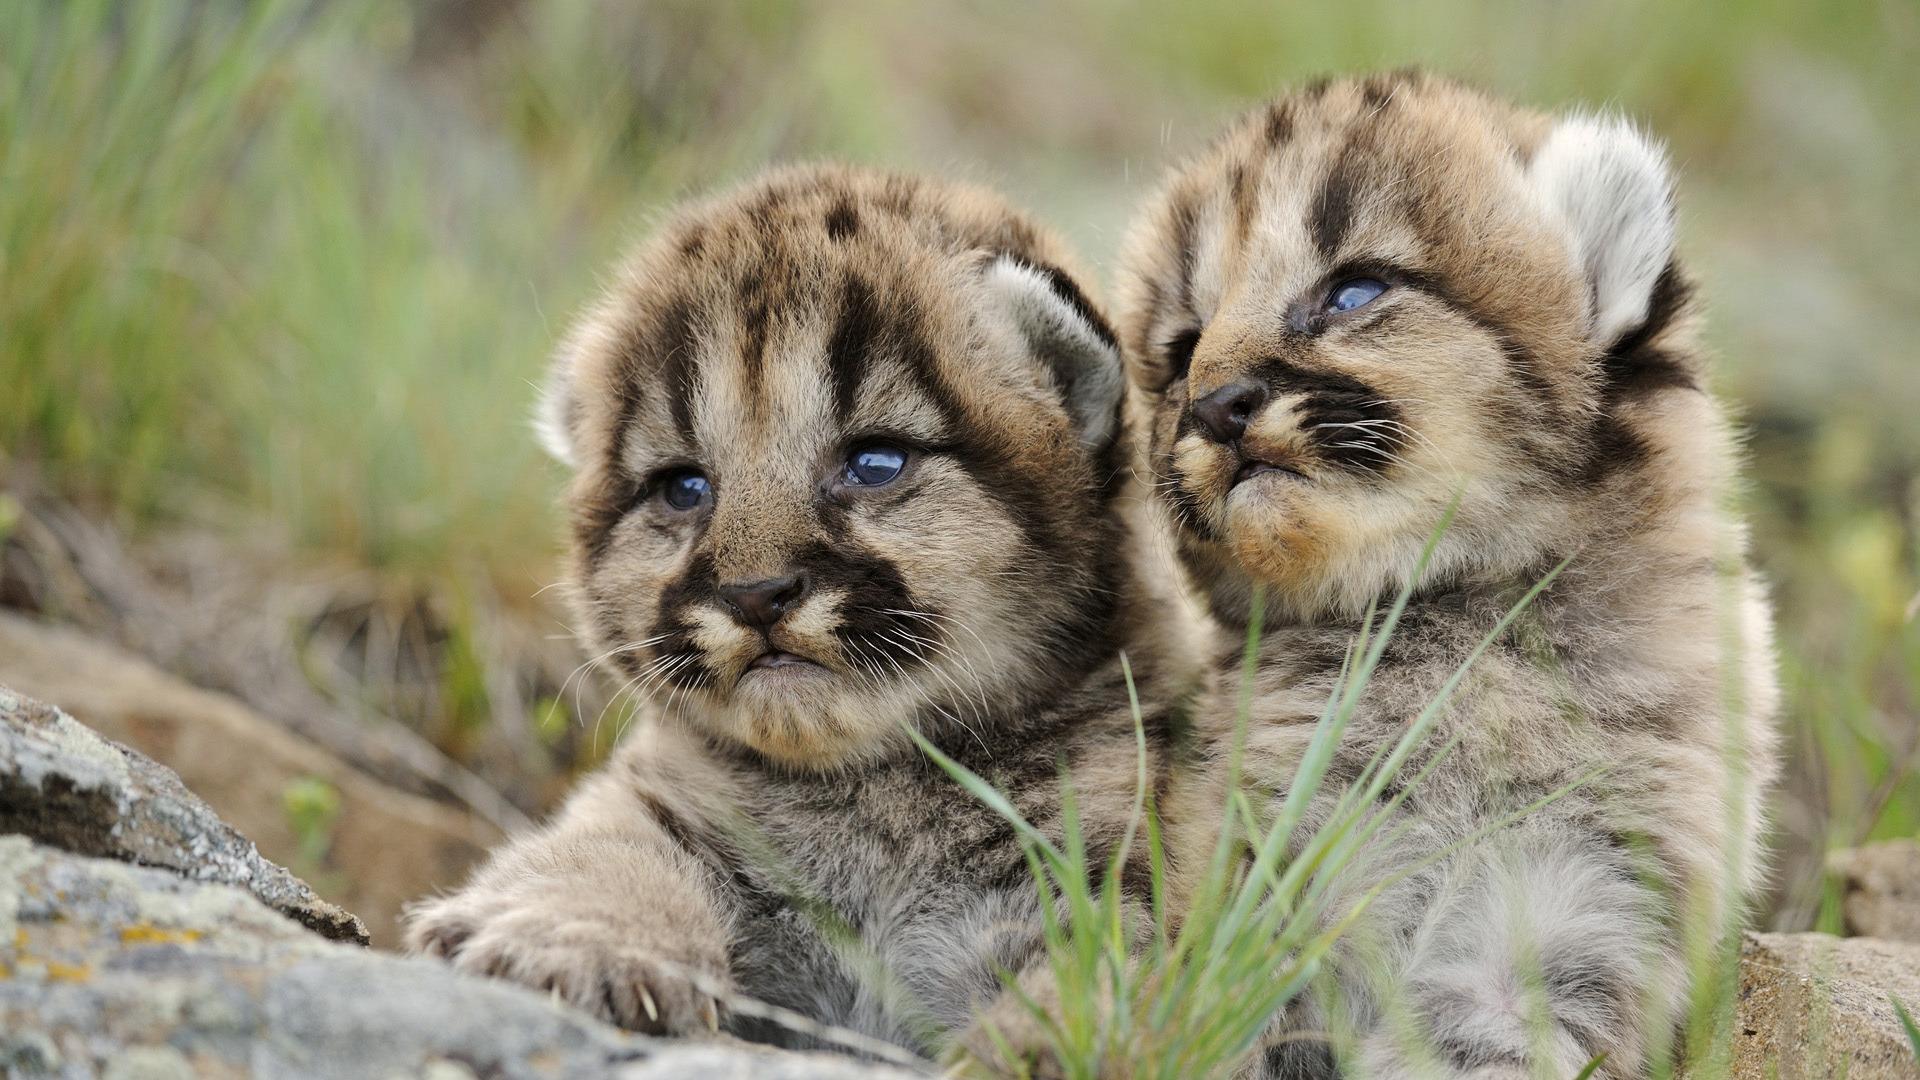 фото животных с детенышами на обои телефона юлия взяла